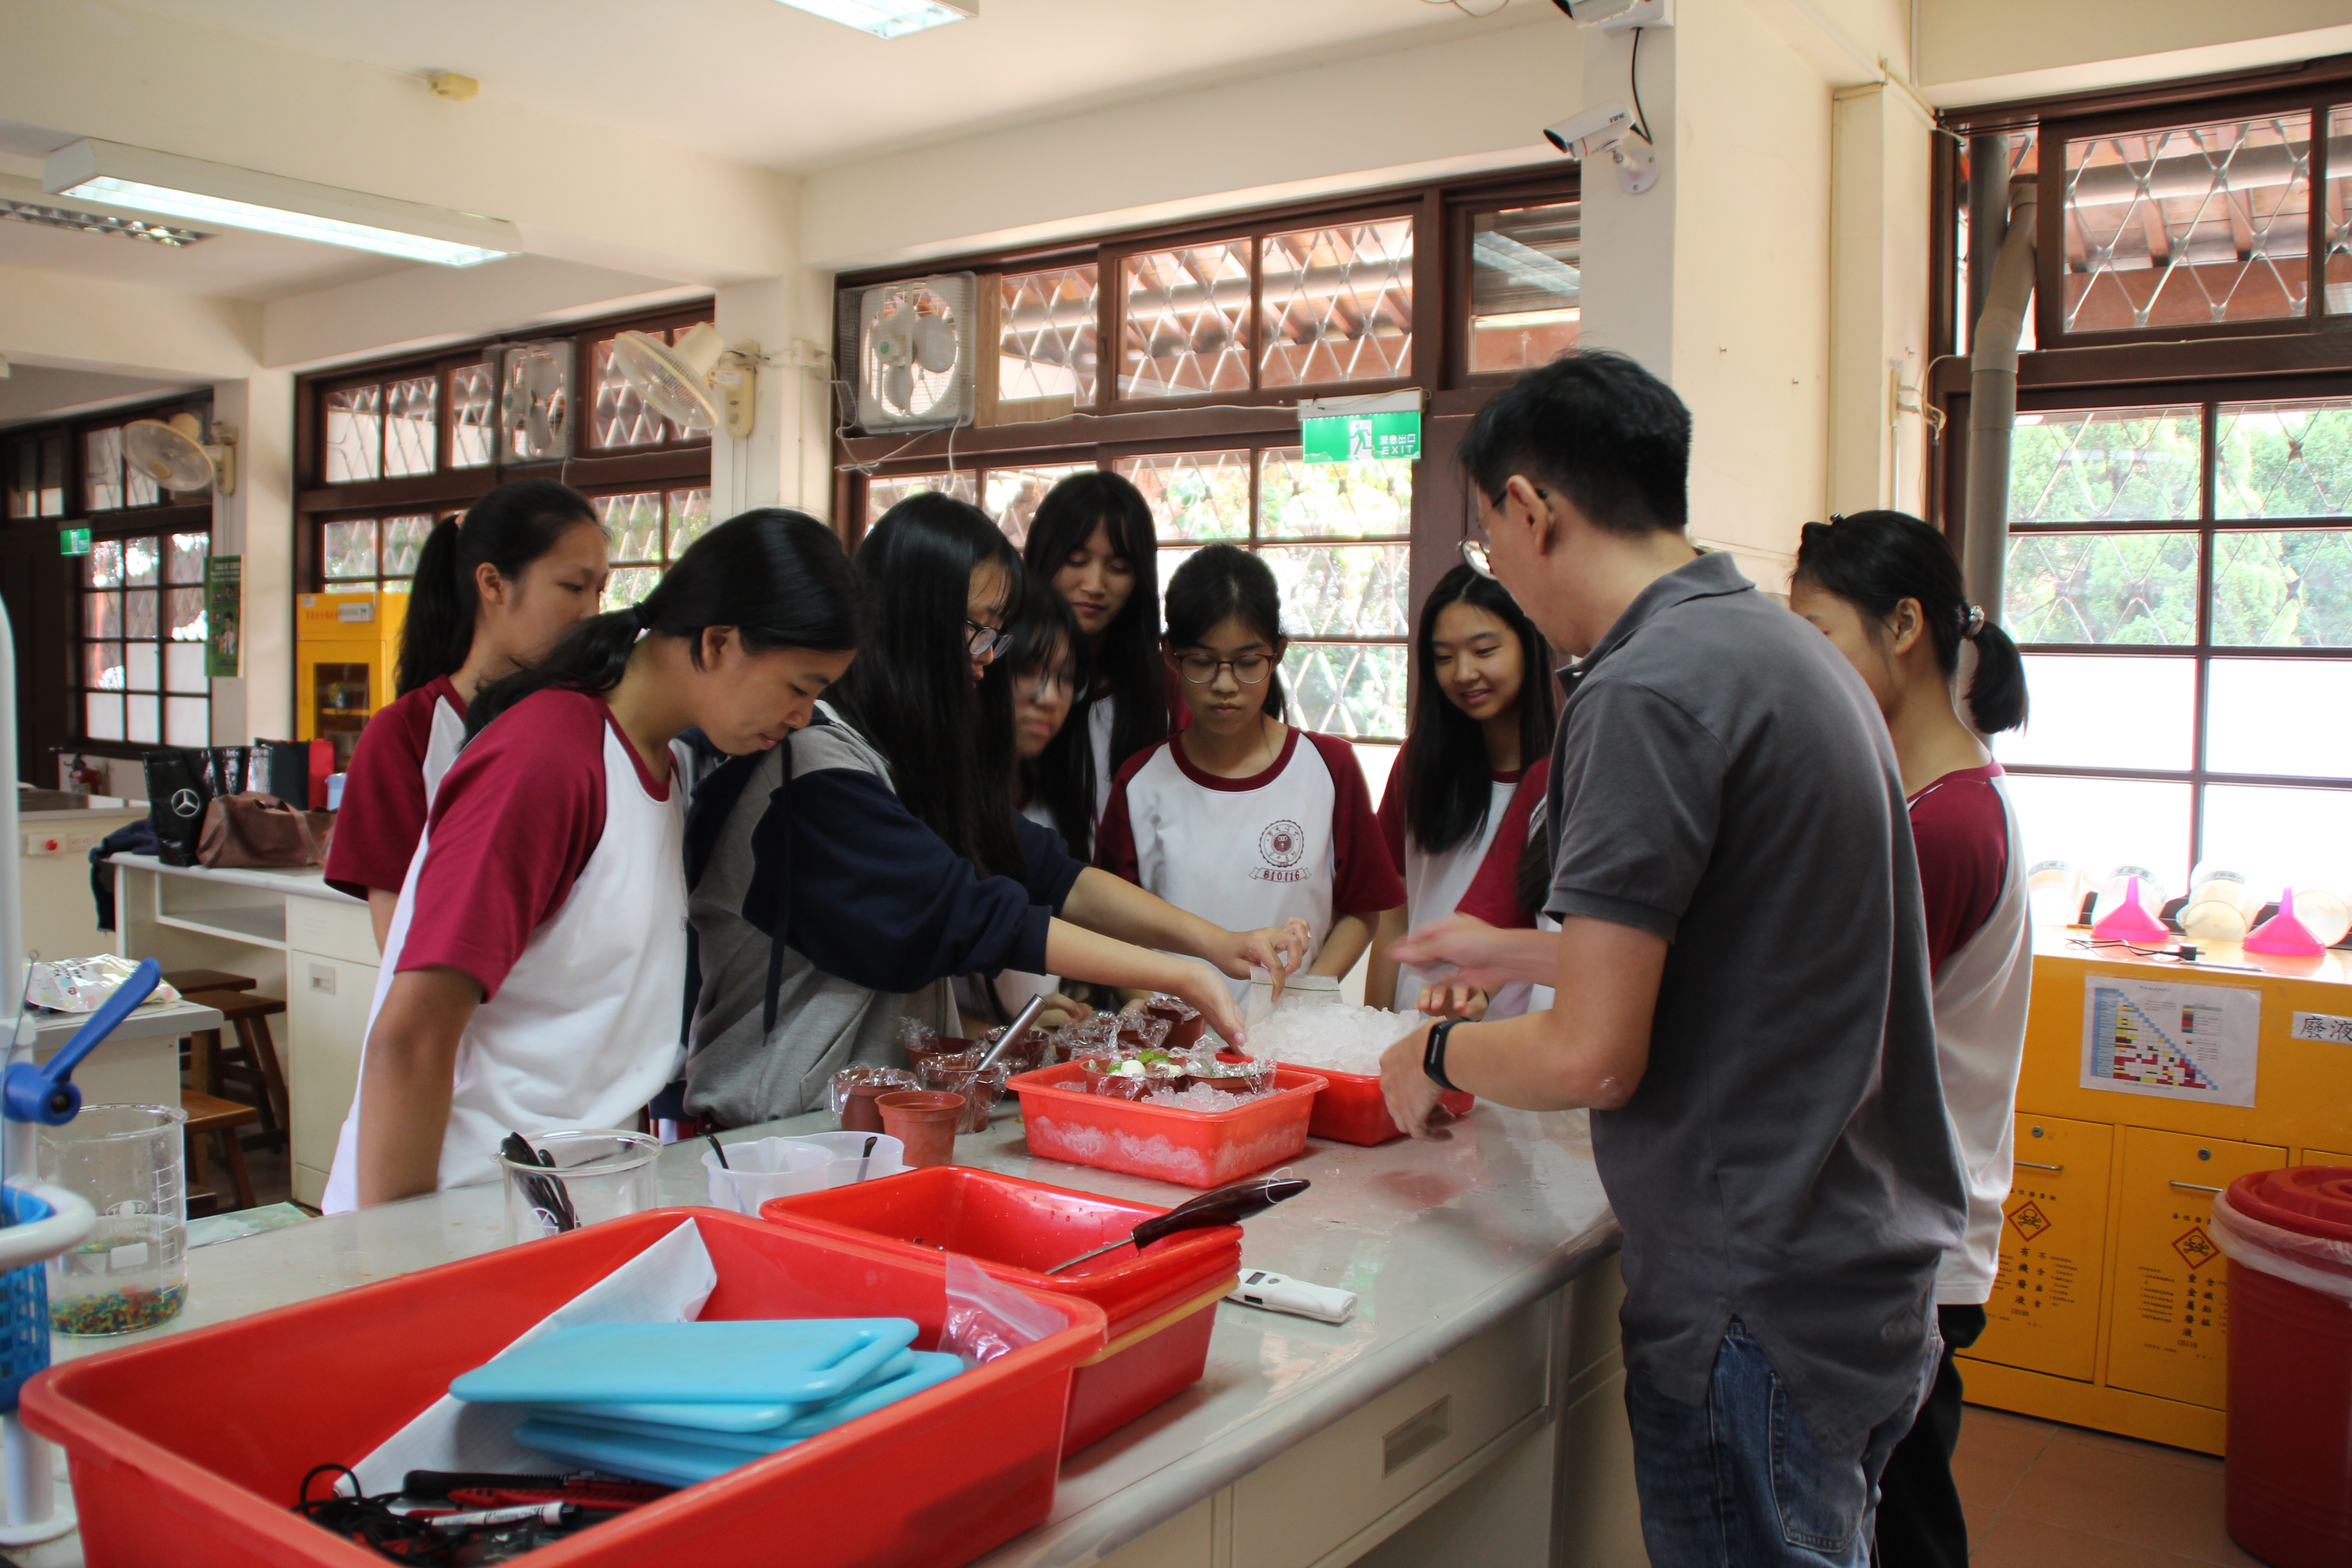 108學年度學生社團活動